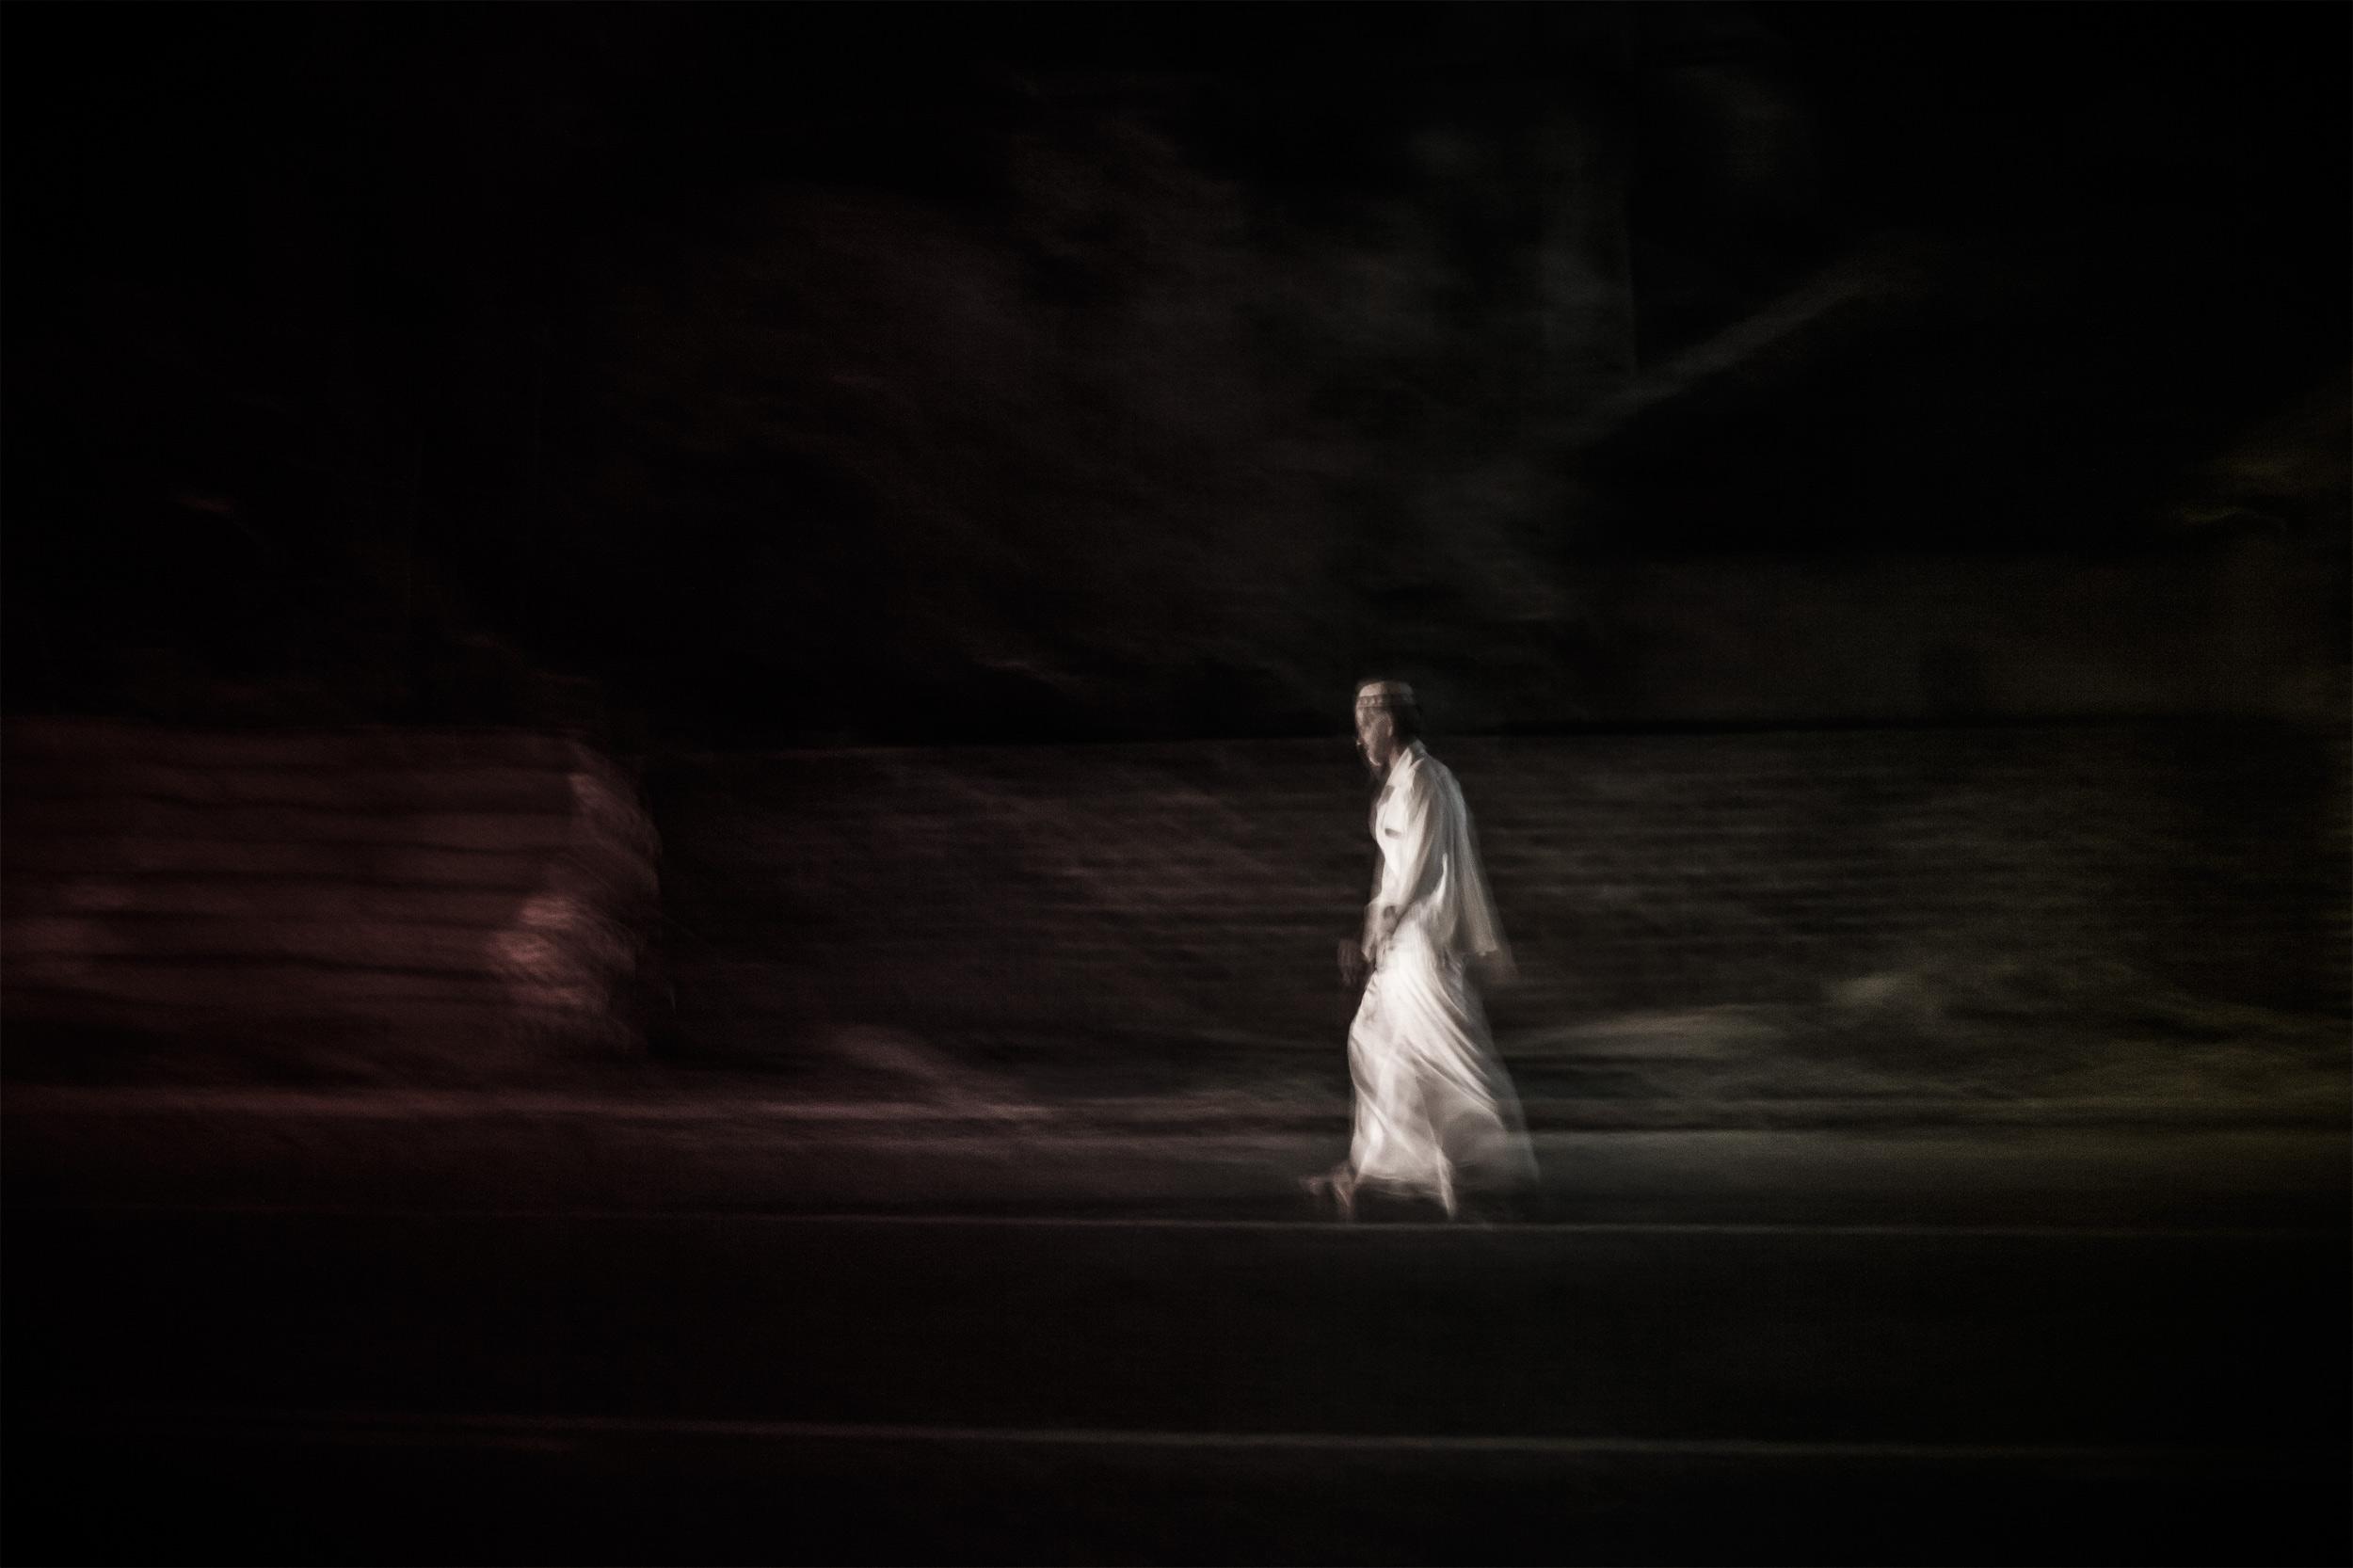 Sri Lanka Ghost Walker